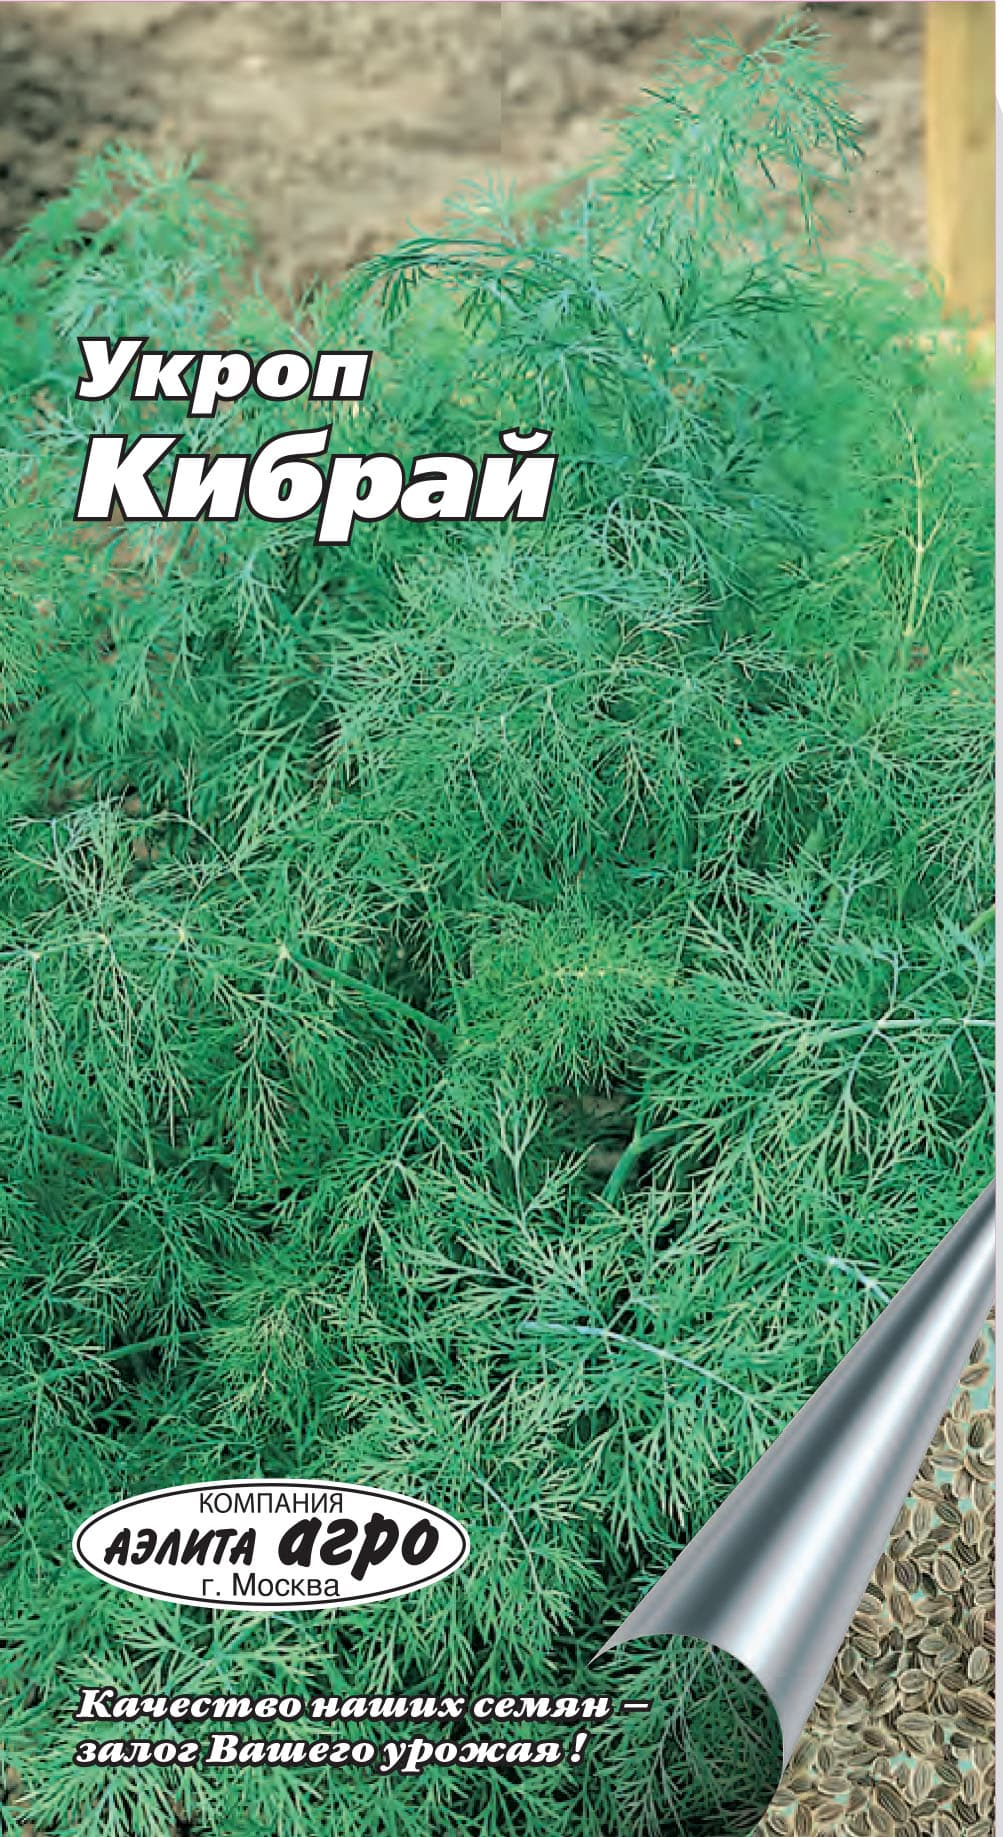 Укроп кибрай: характеристика и описание сорта с фото, отзывы, рассада кассета е6